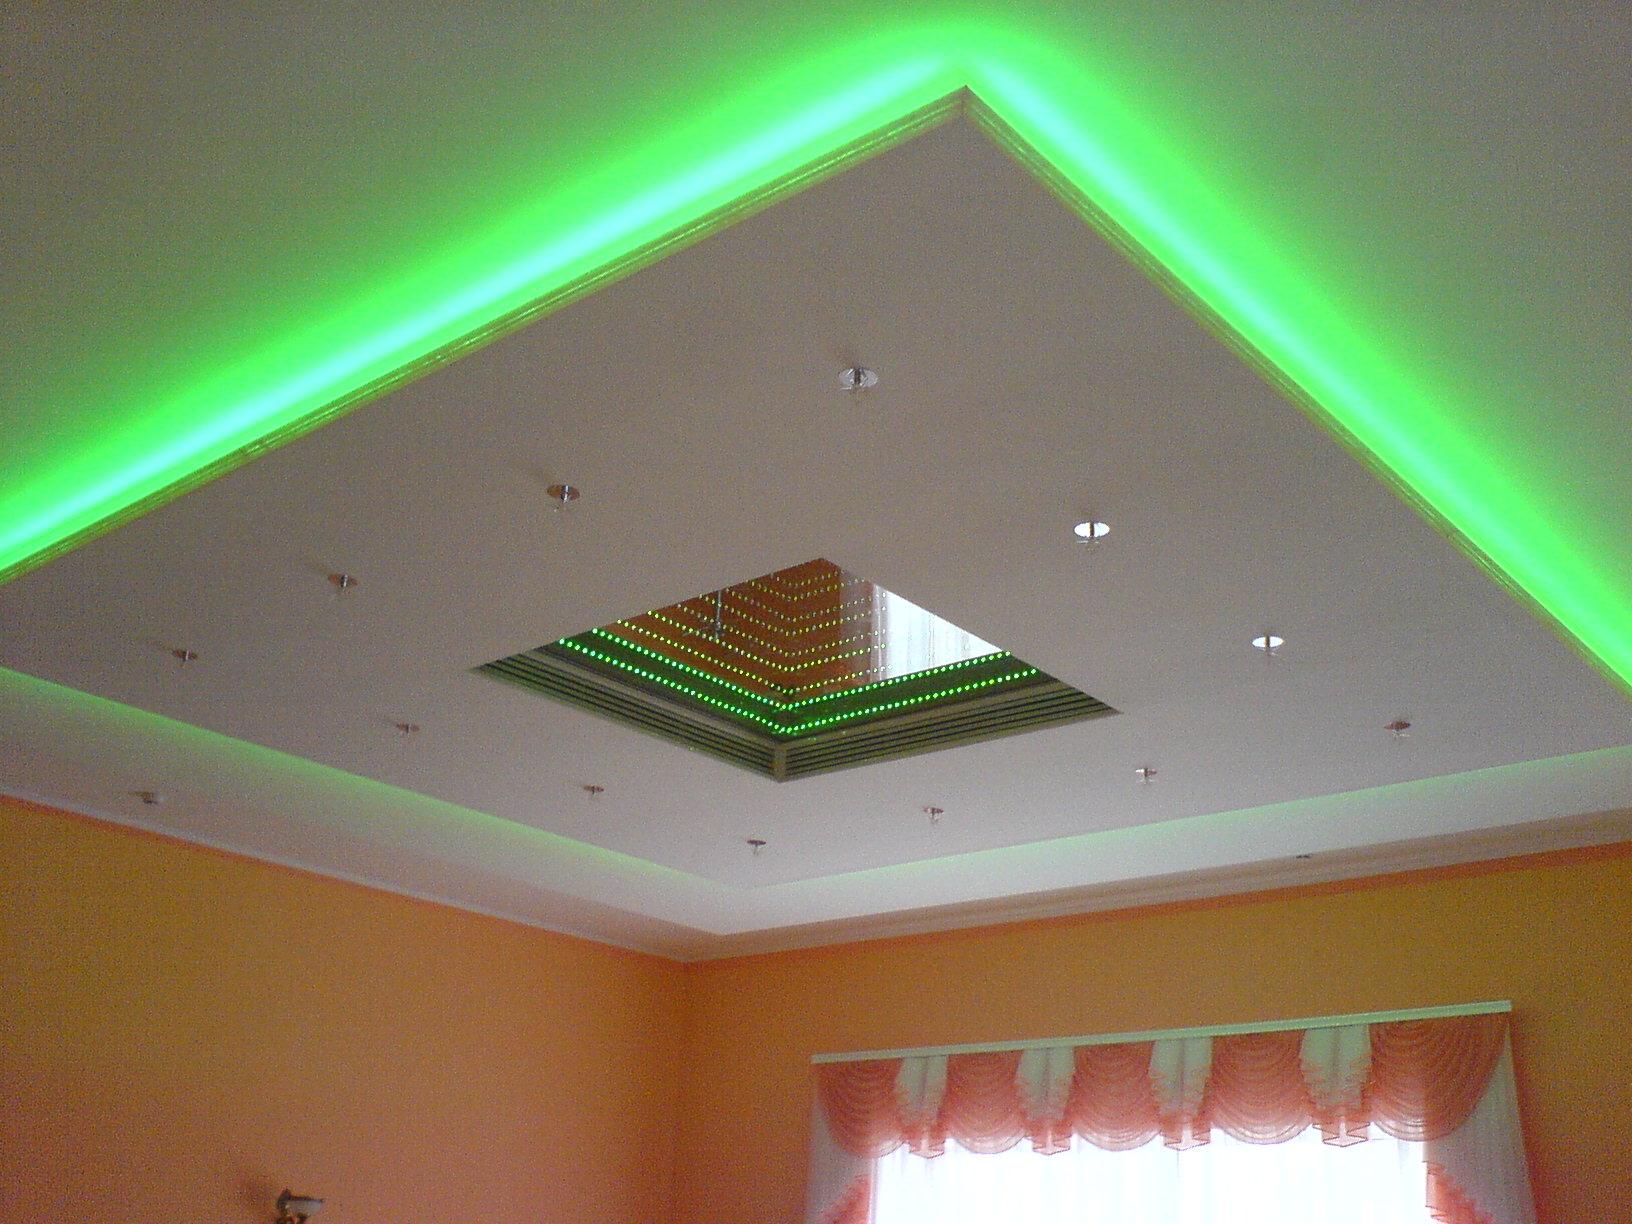 Светодиодная подсветка в интерьере: варианты и монтаж своими руками